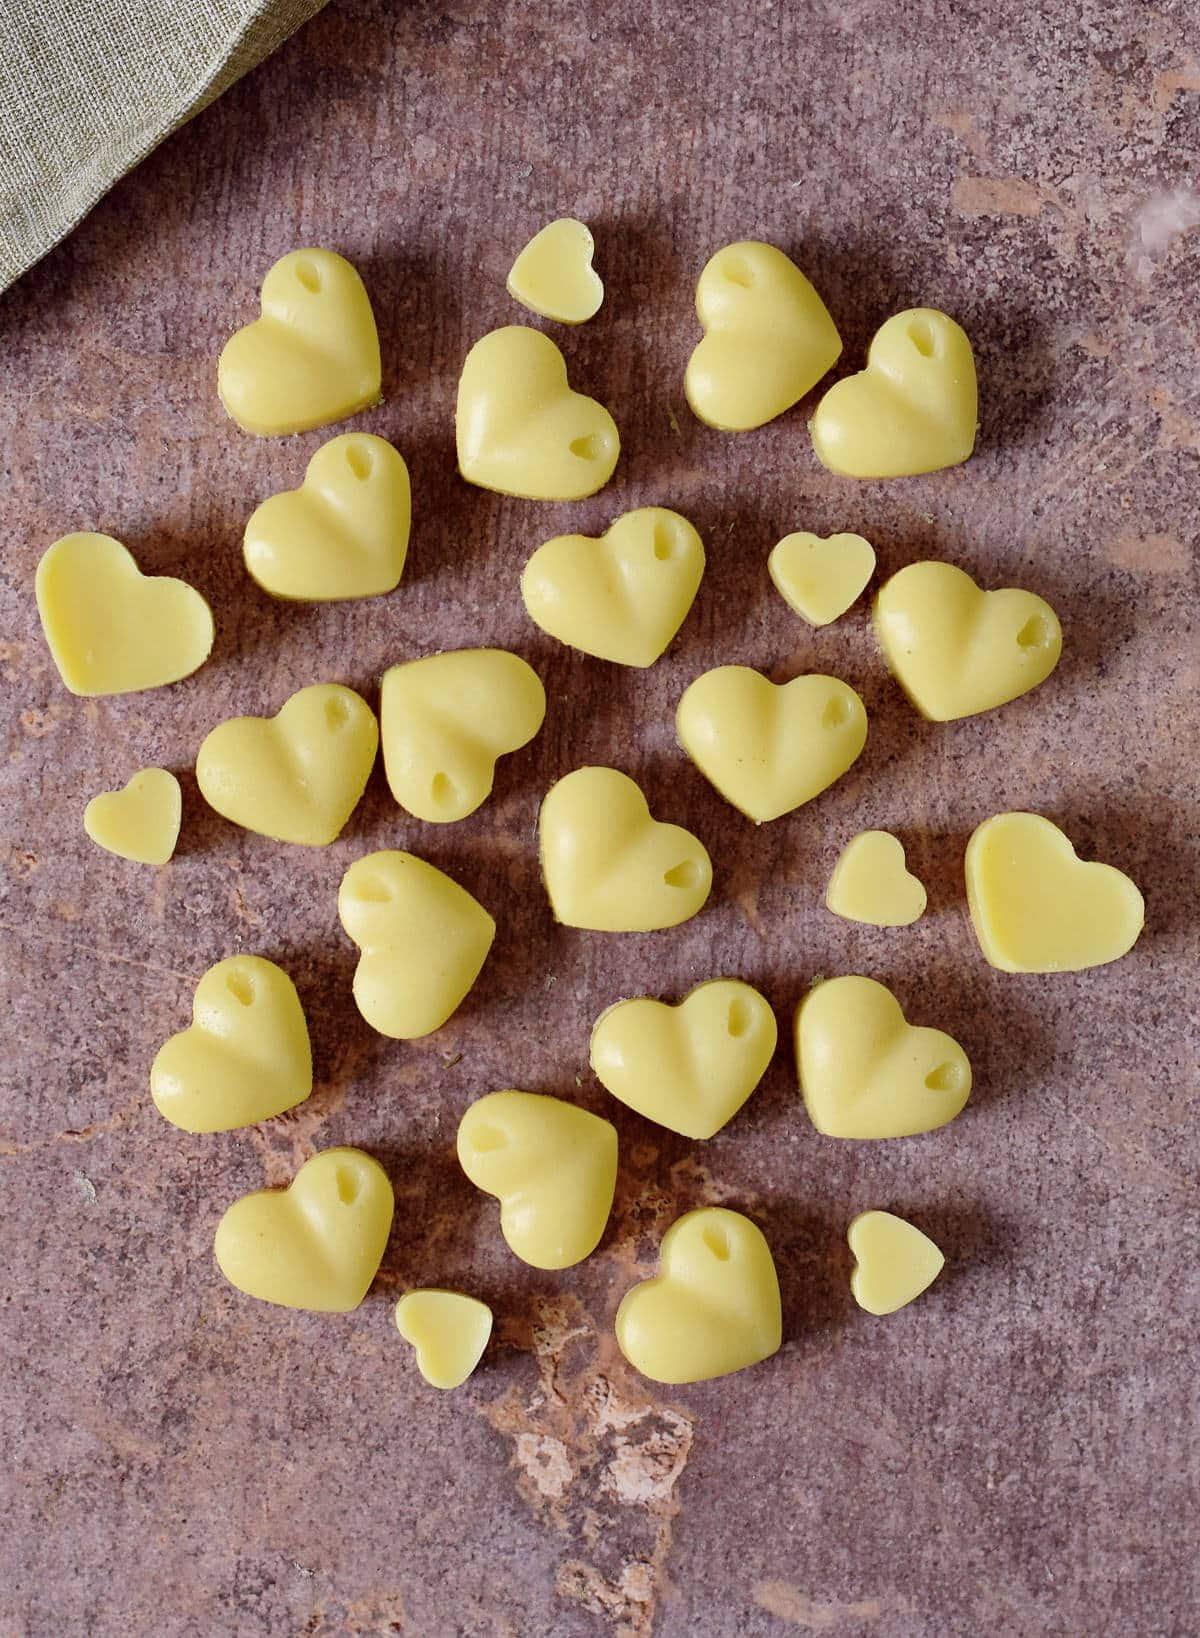 selbstgemachte weiße Schokolade in Herzform